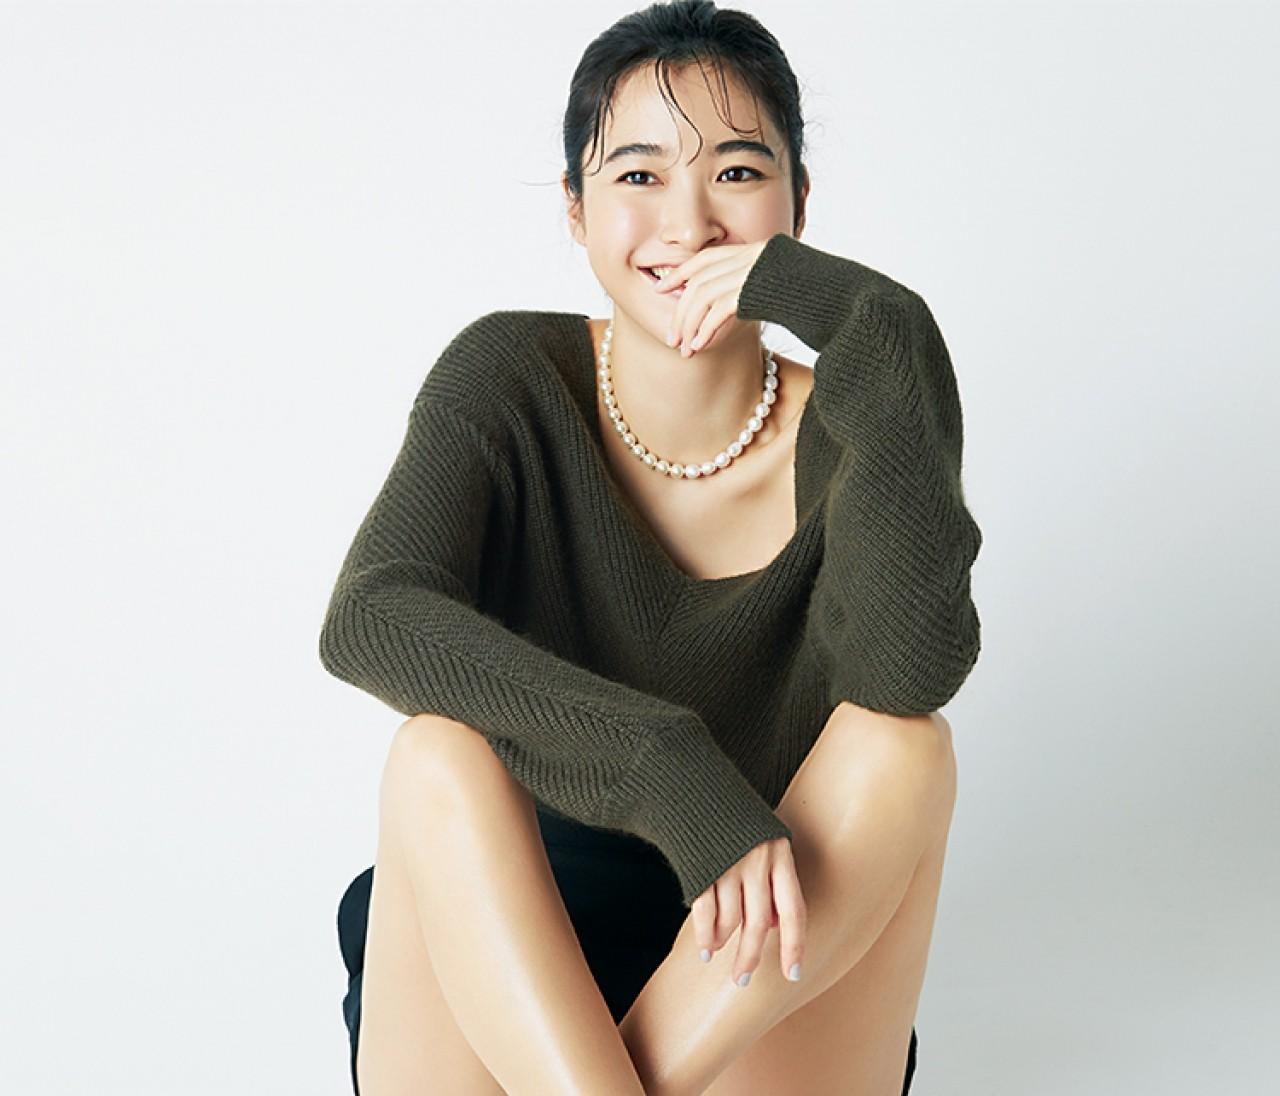 絵美里の愛用コスメやエクササイズ【バイラモデルズのキレイのヒミツQ&A②】